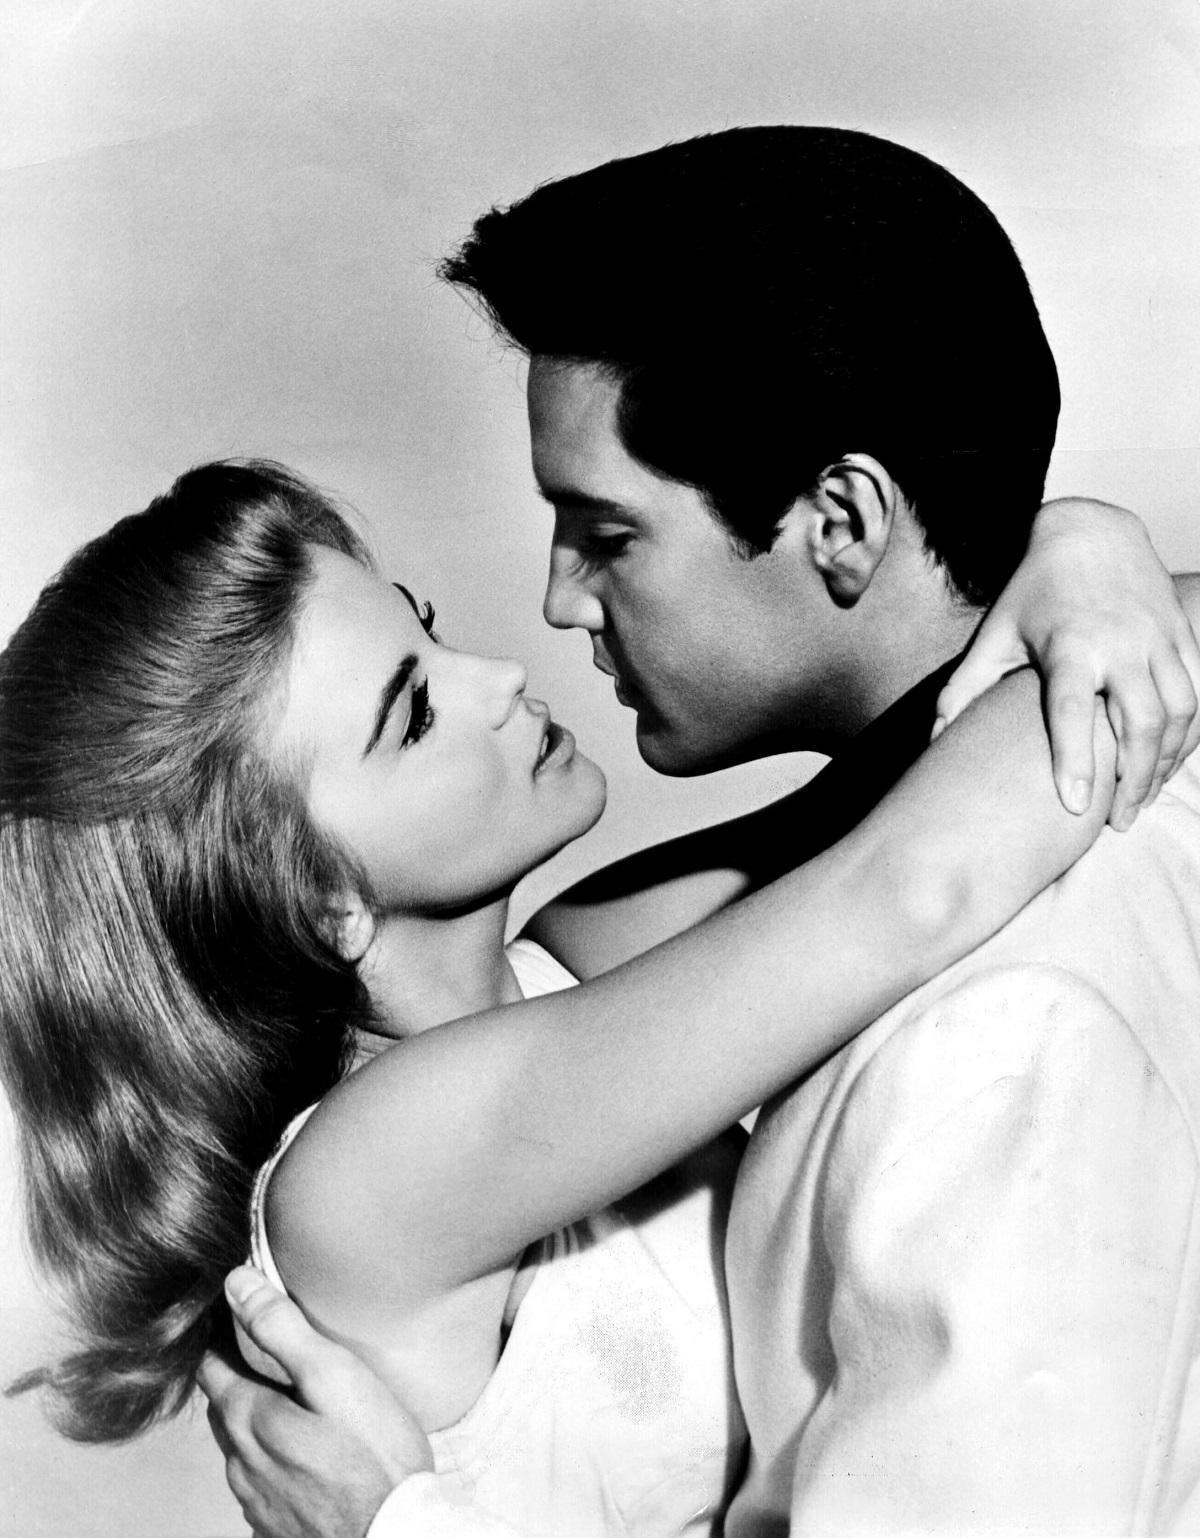 Ann-Margret and Elvis Presley in 'Viva Las Vegas'